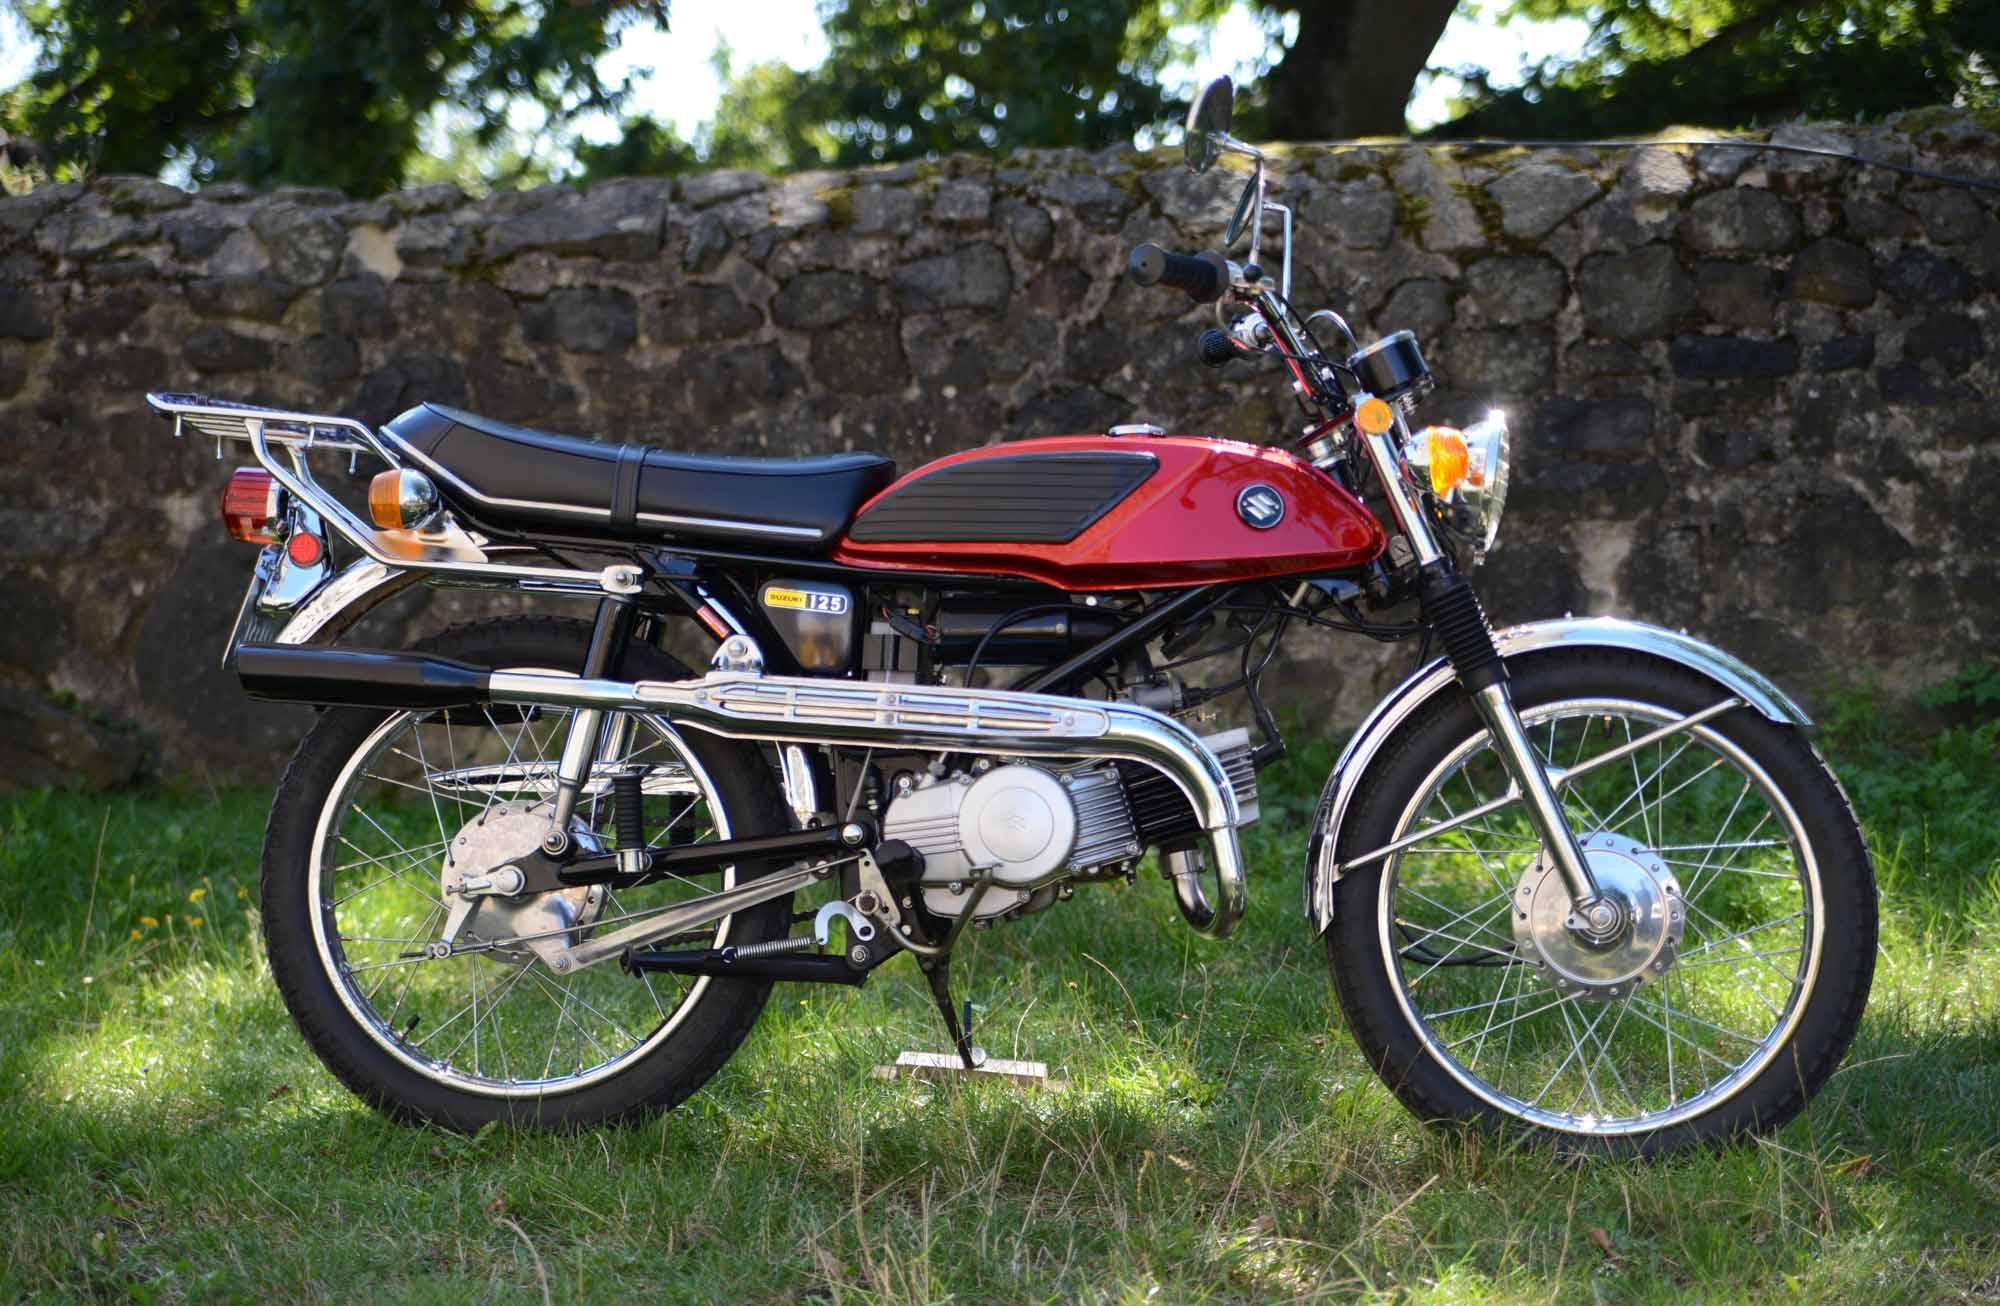 SUZUKI T 125 (1969-1973)